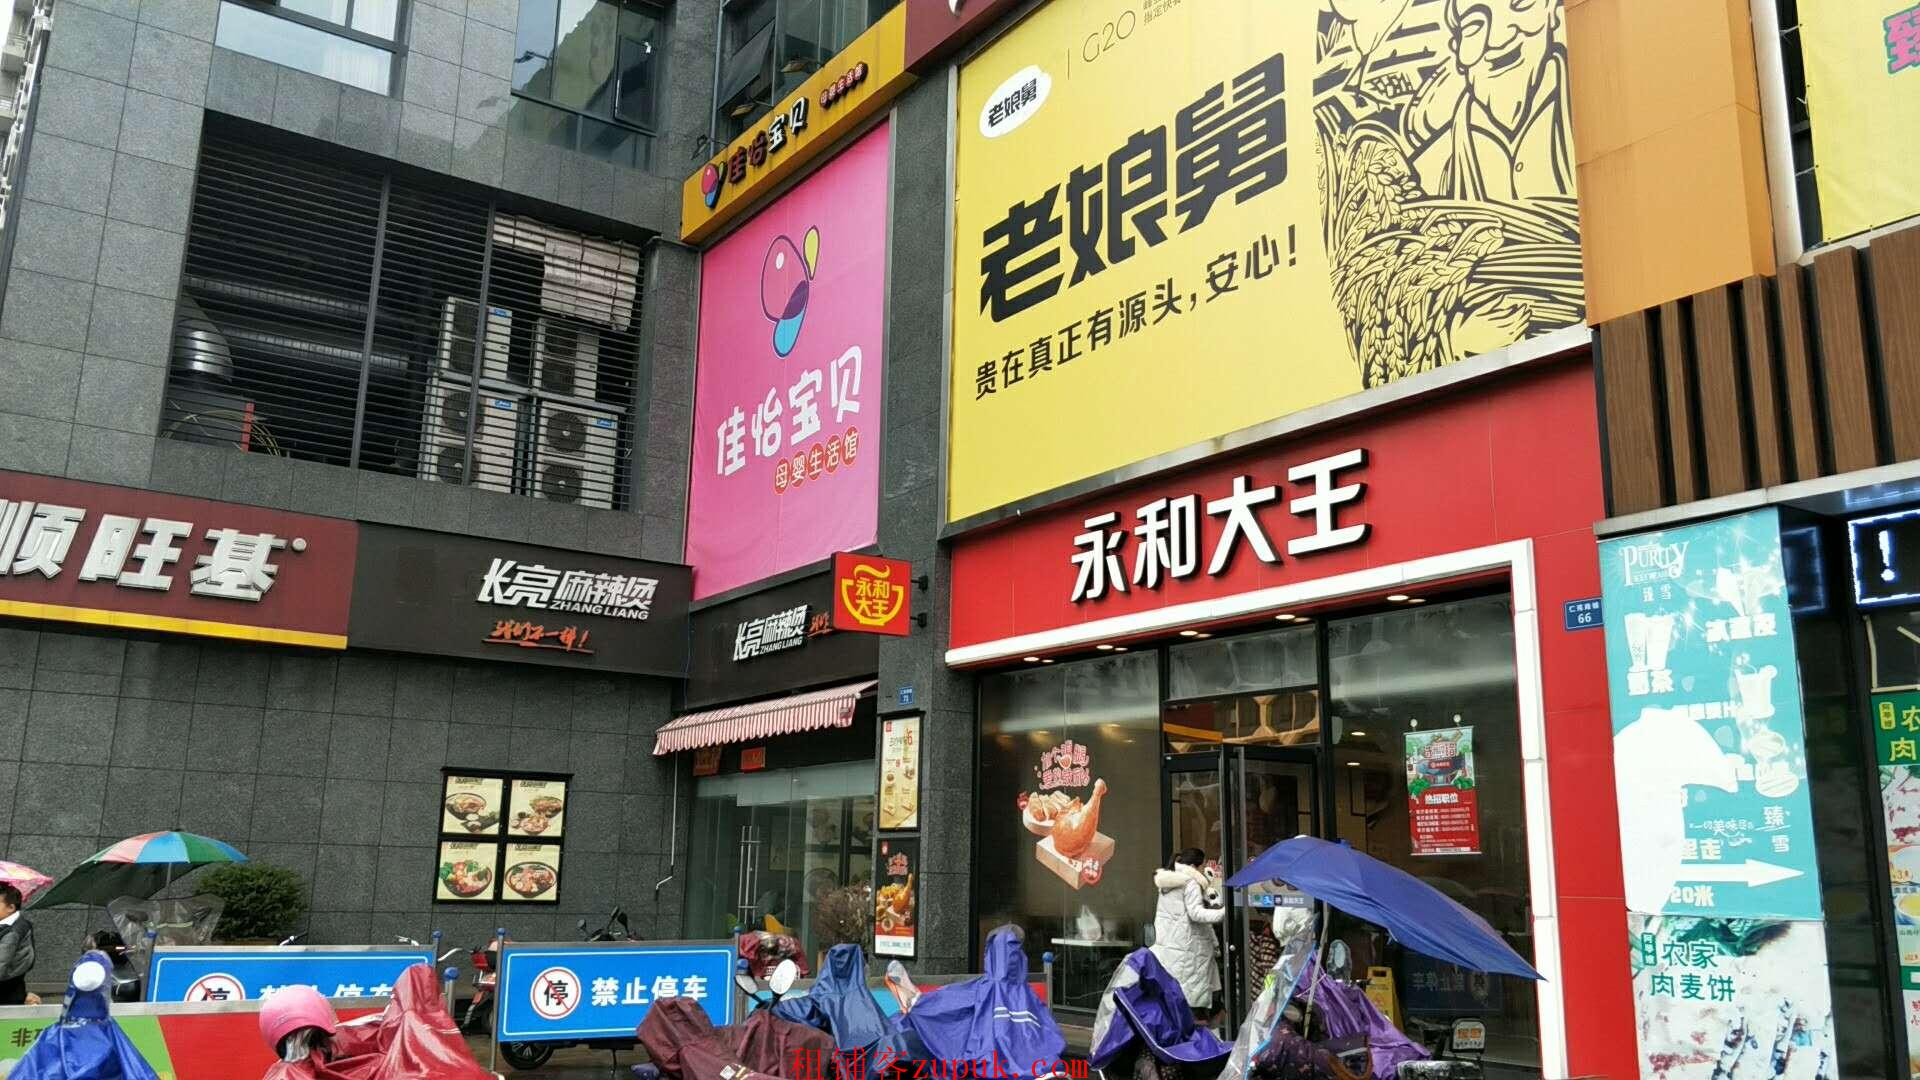 江干三十万居民景芳地铁口零距离,大面积餐饮独立店火爆招租